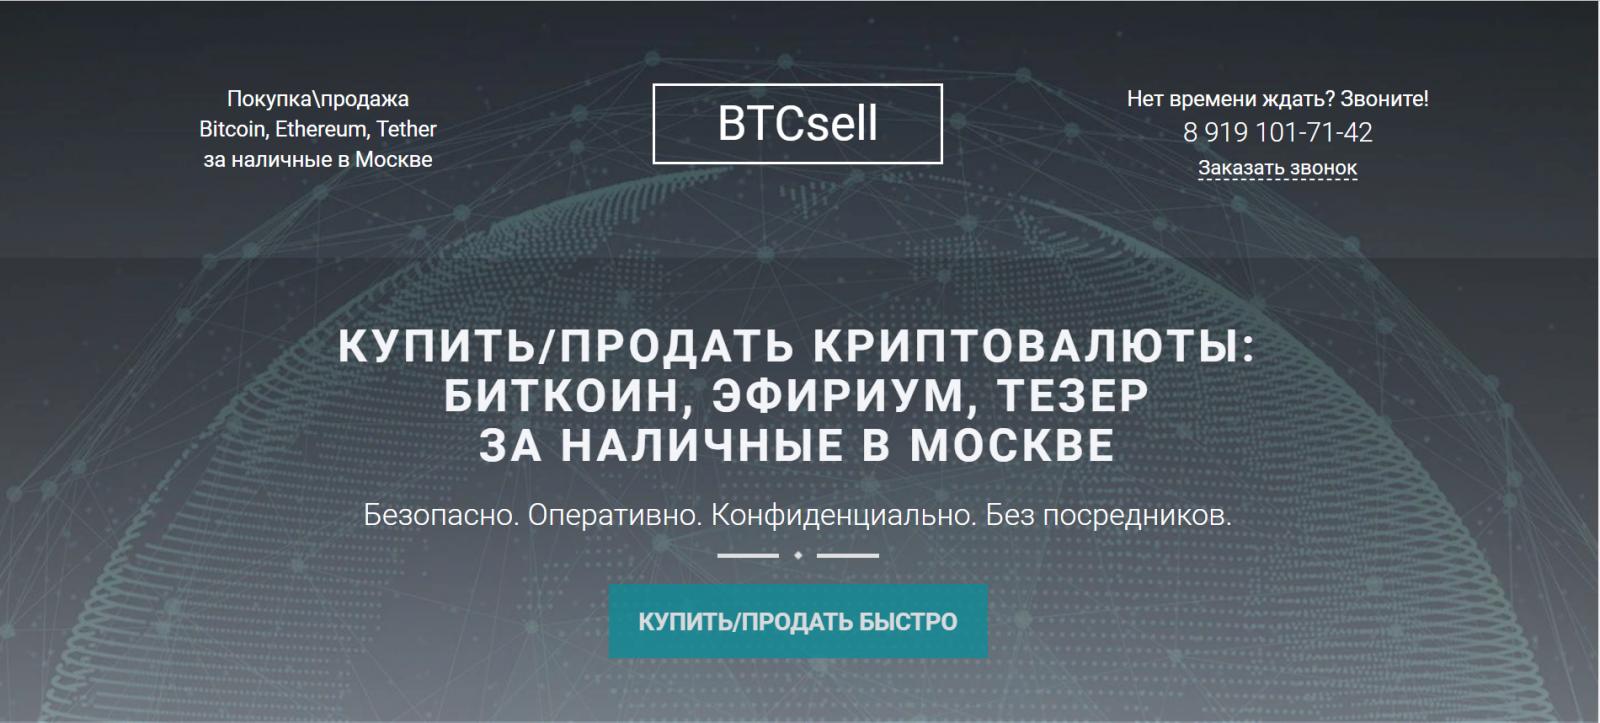 Обмен криптовалют форум валютная торговля на форекс